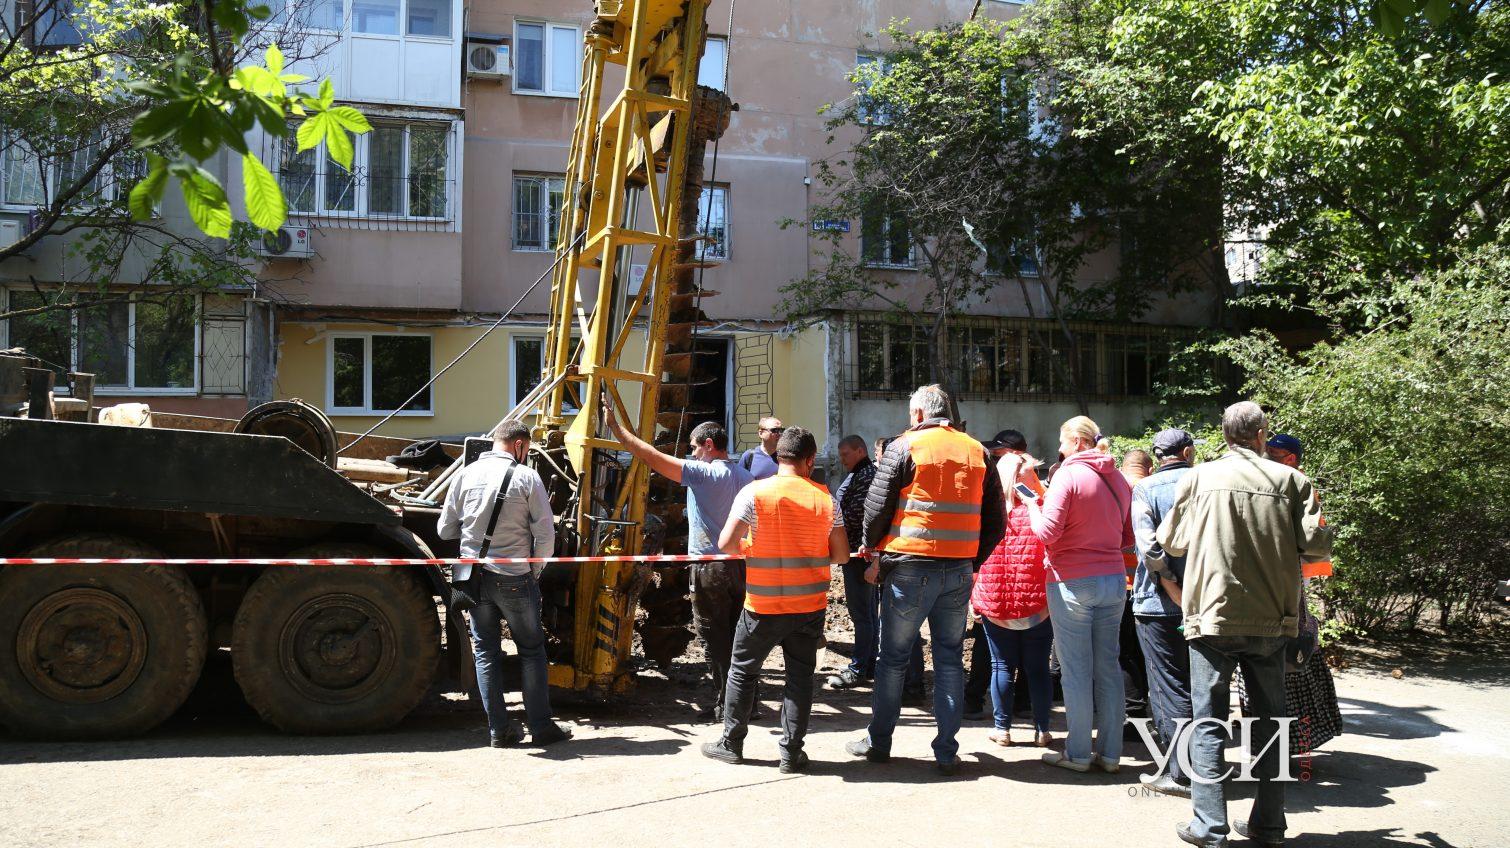 Конфликт на Таирова: одесситы выступили против соседа, который бурит сваи у высотки, тот отгородился охраной (фото, видео) ОБНОВЛЕНО «фото»